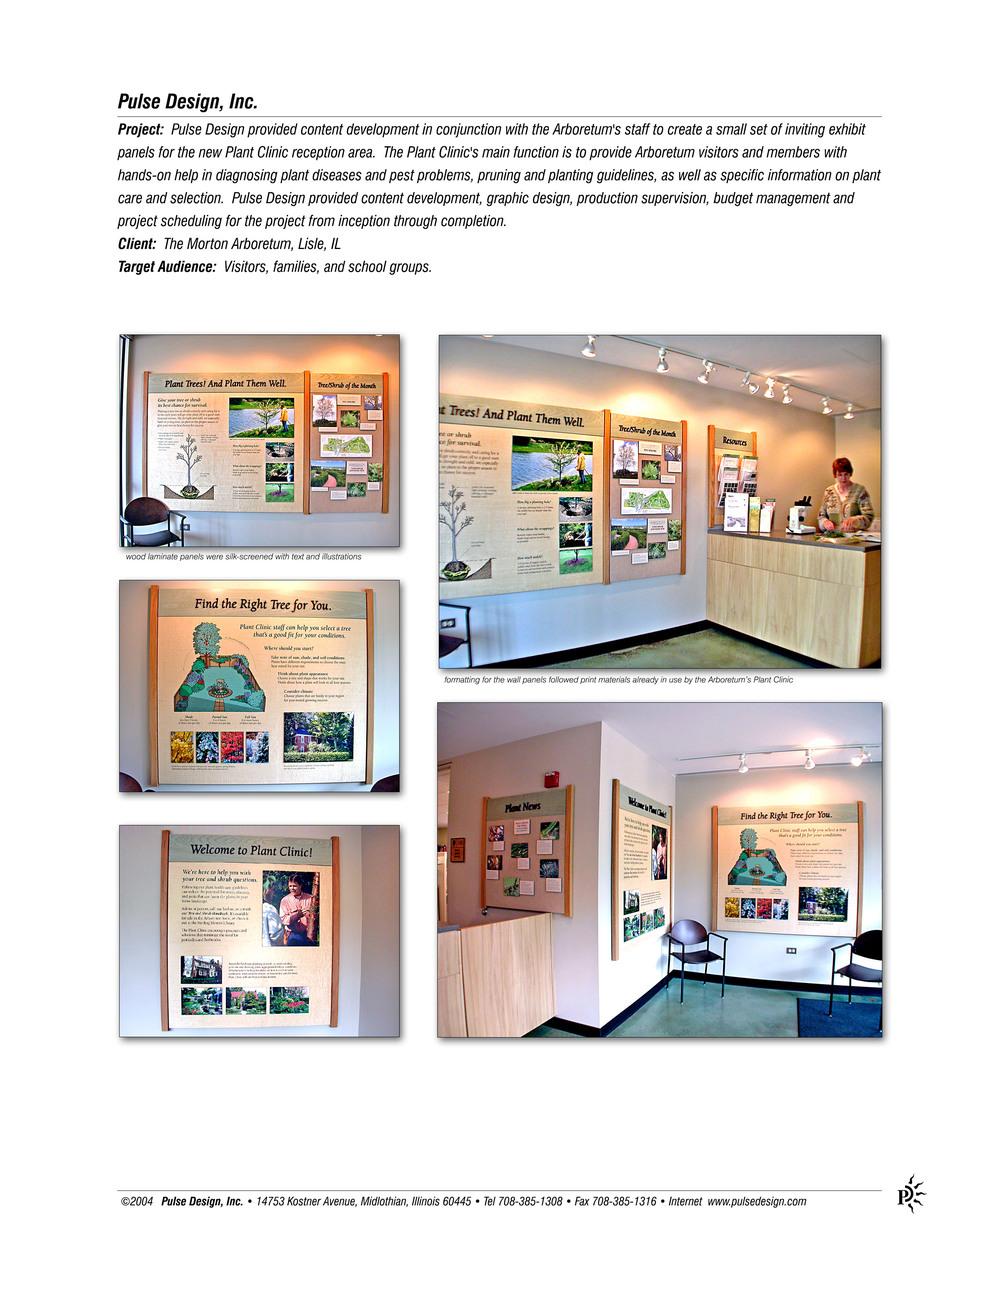 Morton-Arboretum-Plant-Clinic-Exhibit-Pulse-Design-Inc.jpg